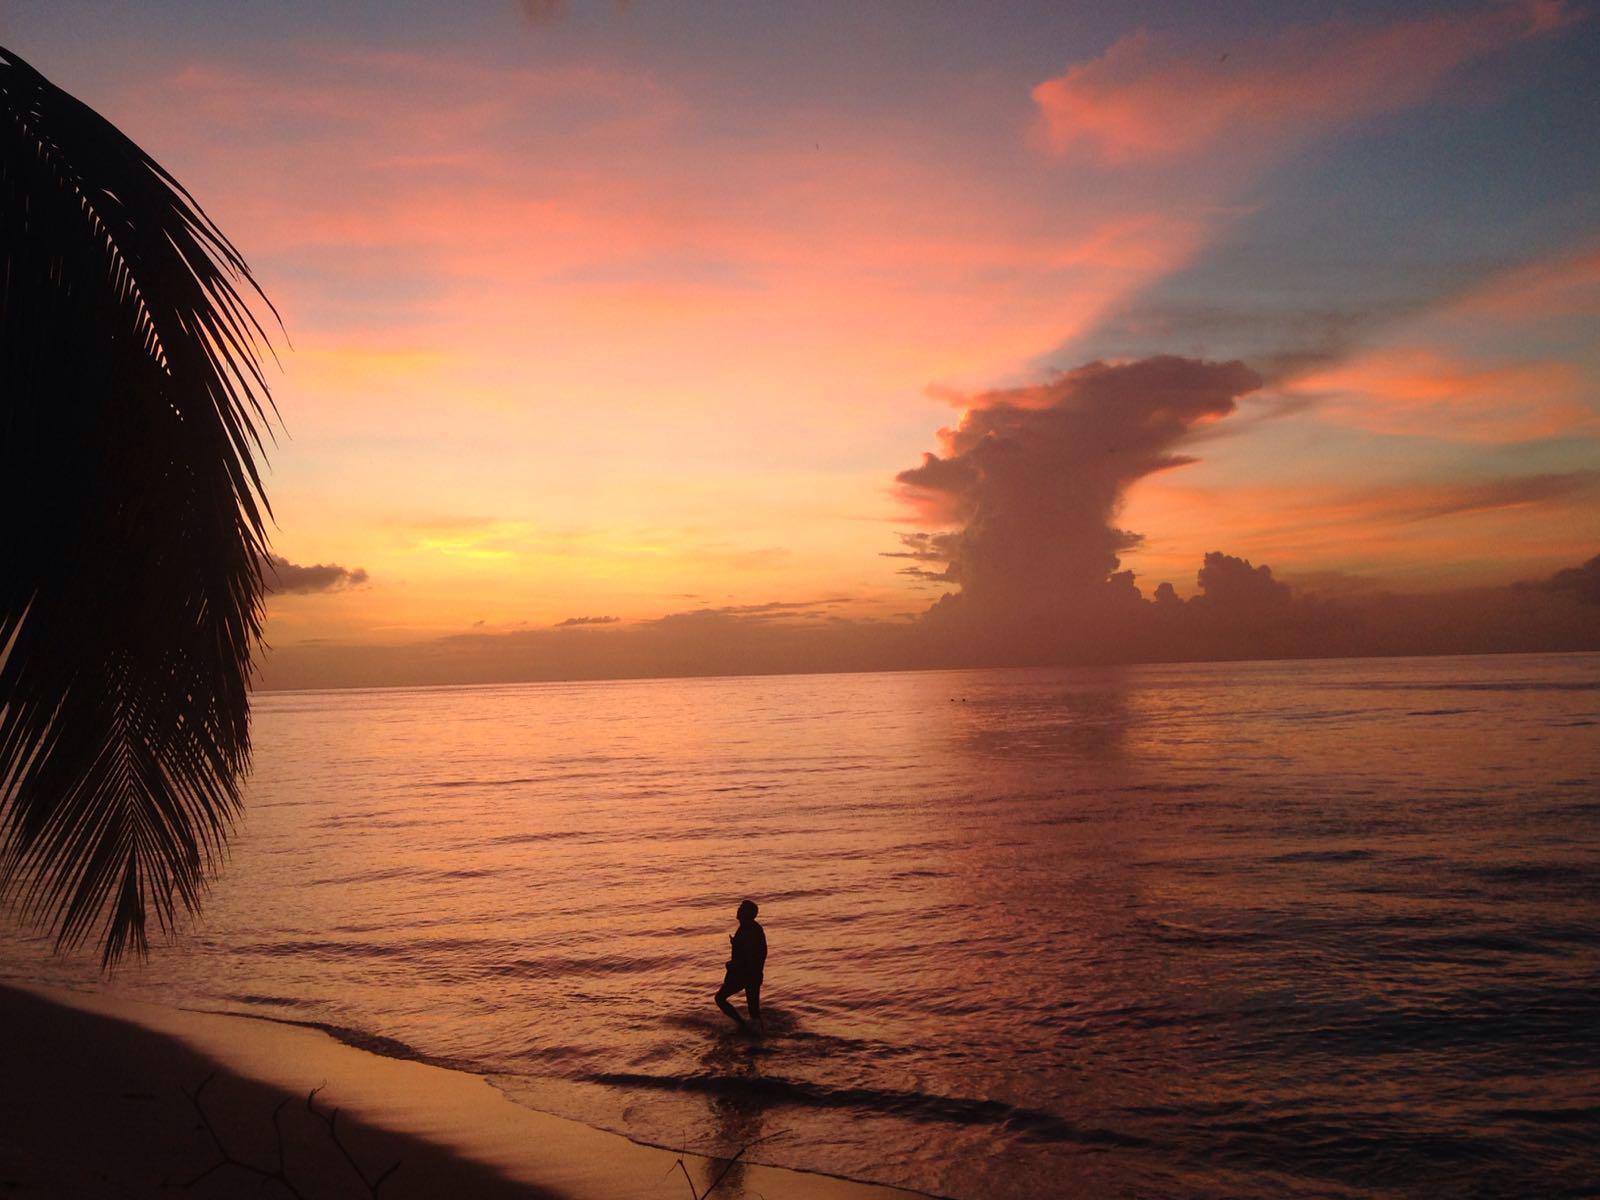 Soleil couchant sur la mer des Caraïbes